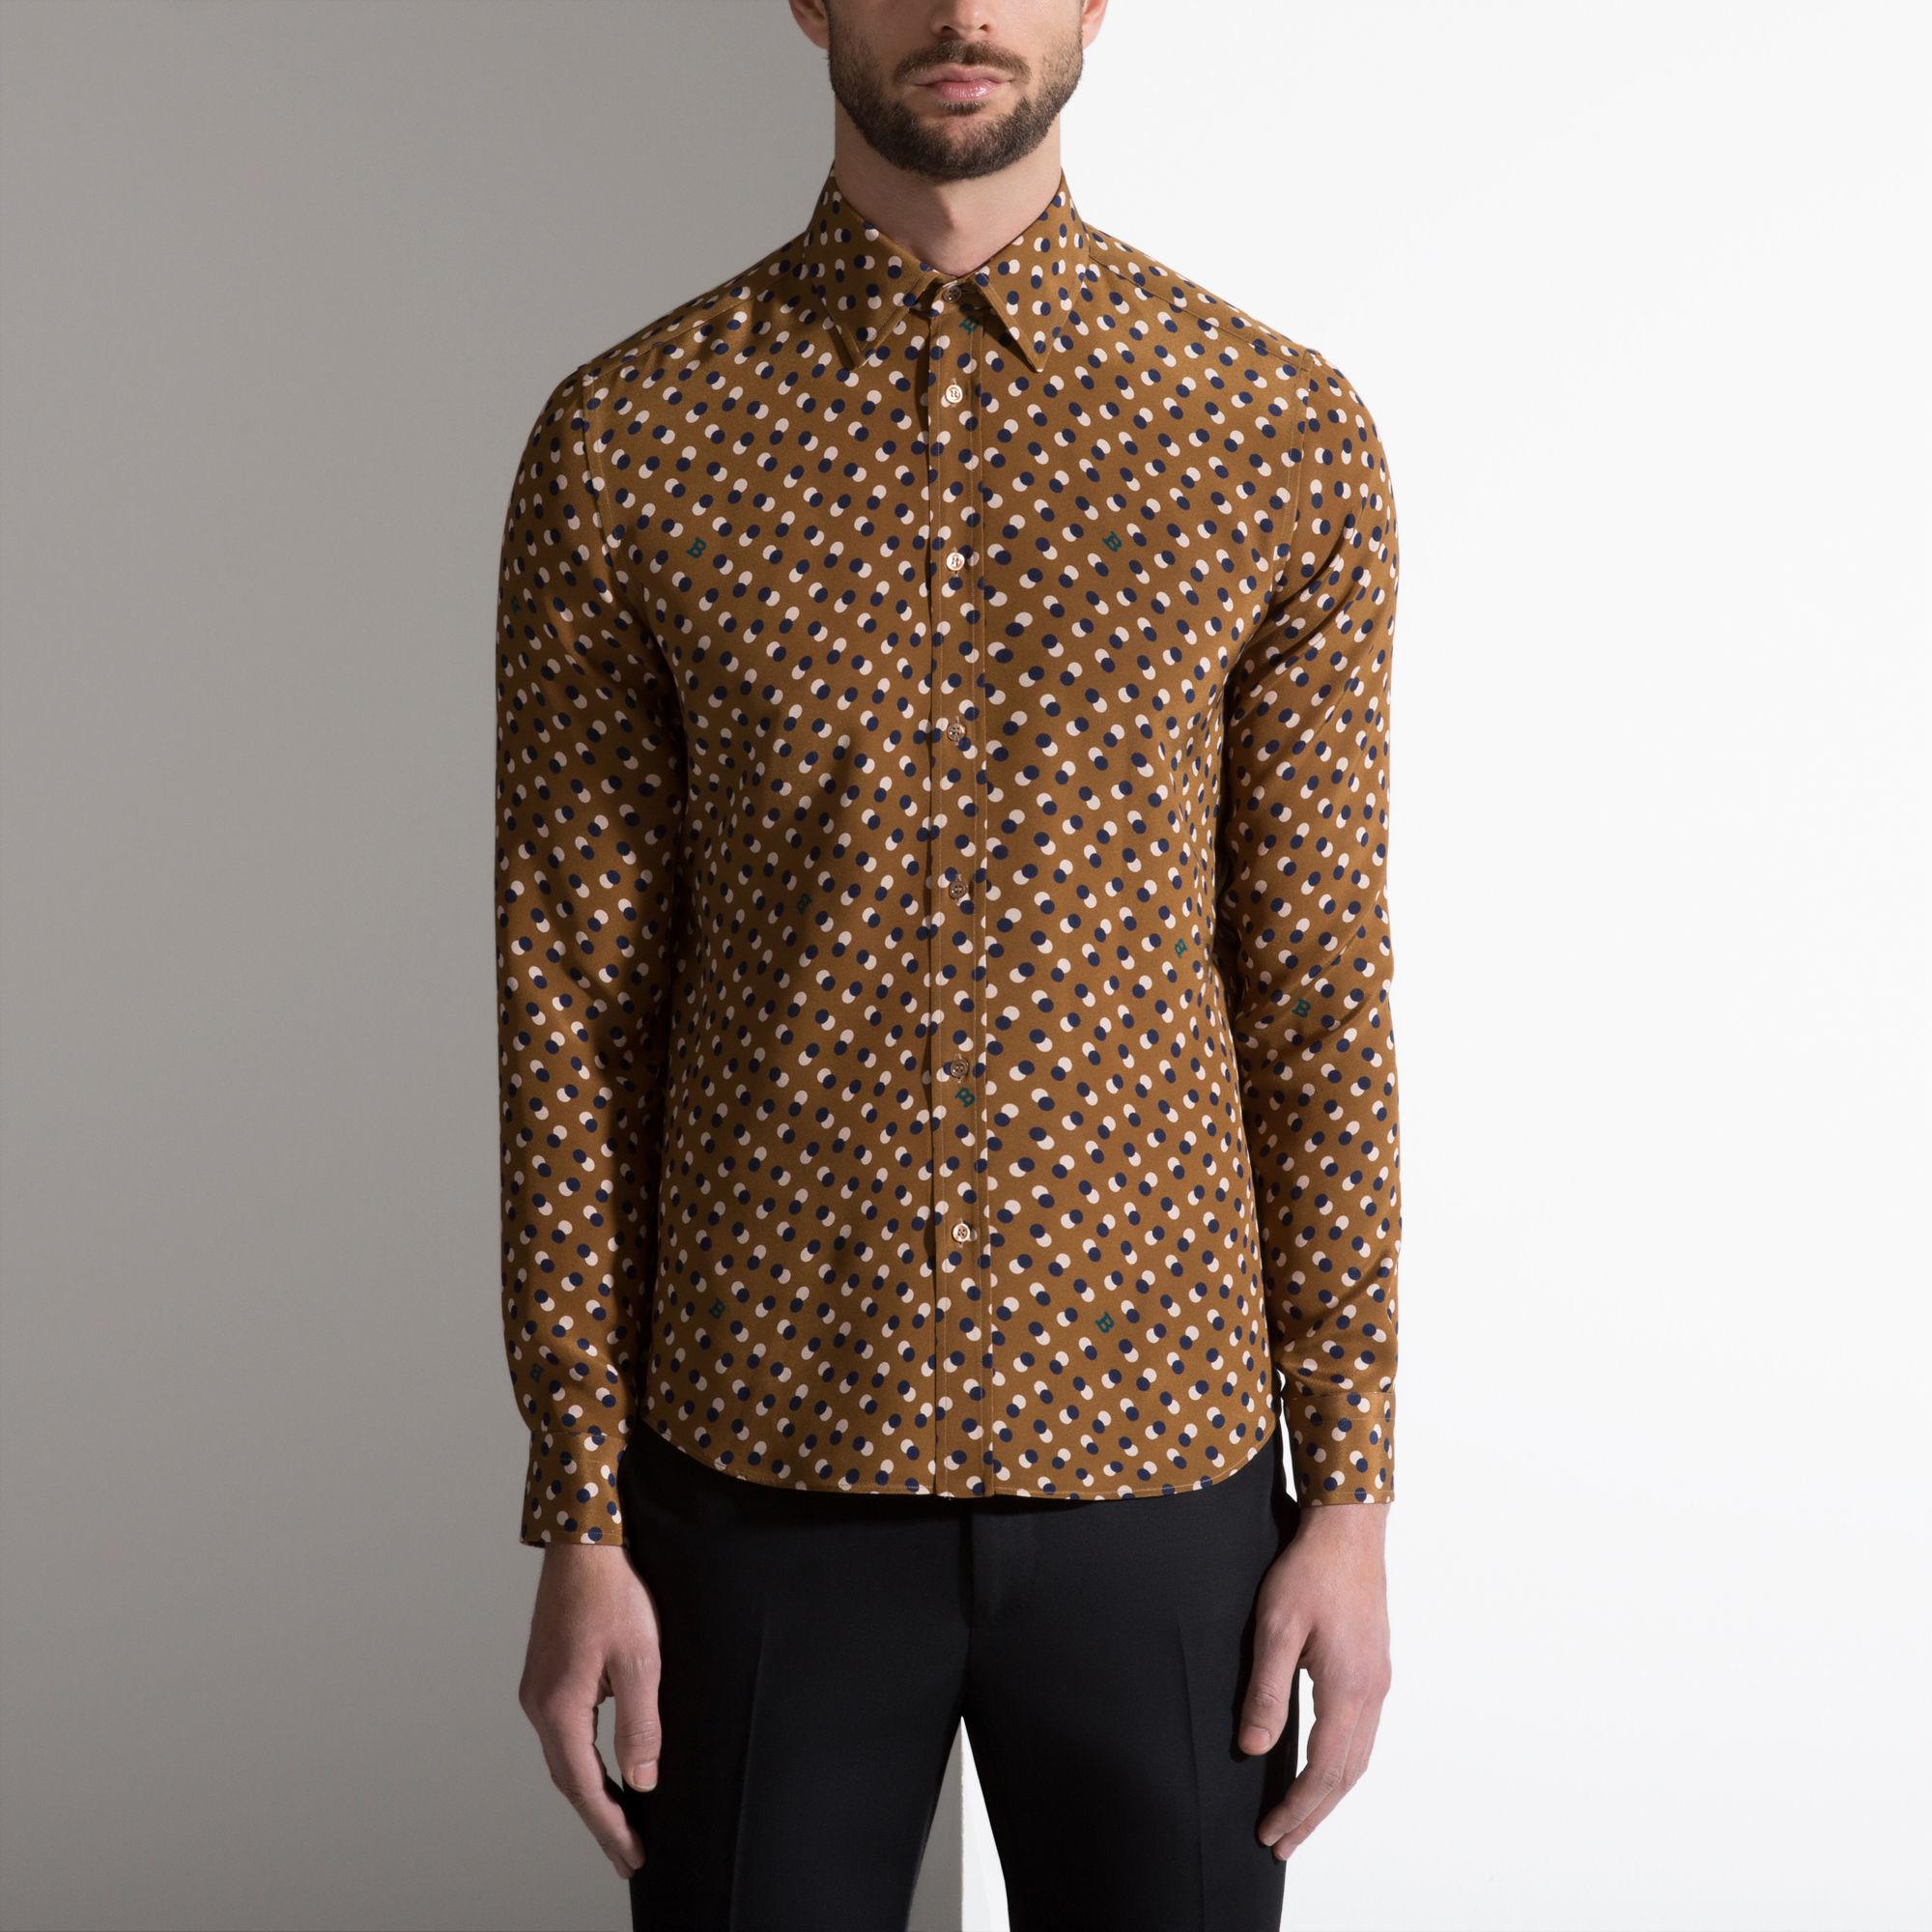 Bally 60s Polka Dot Shirt Men S Silk Shirt In Multi Camel